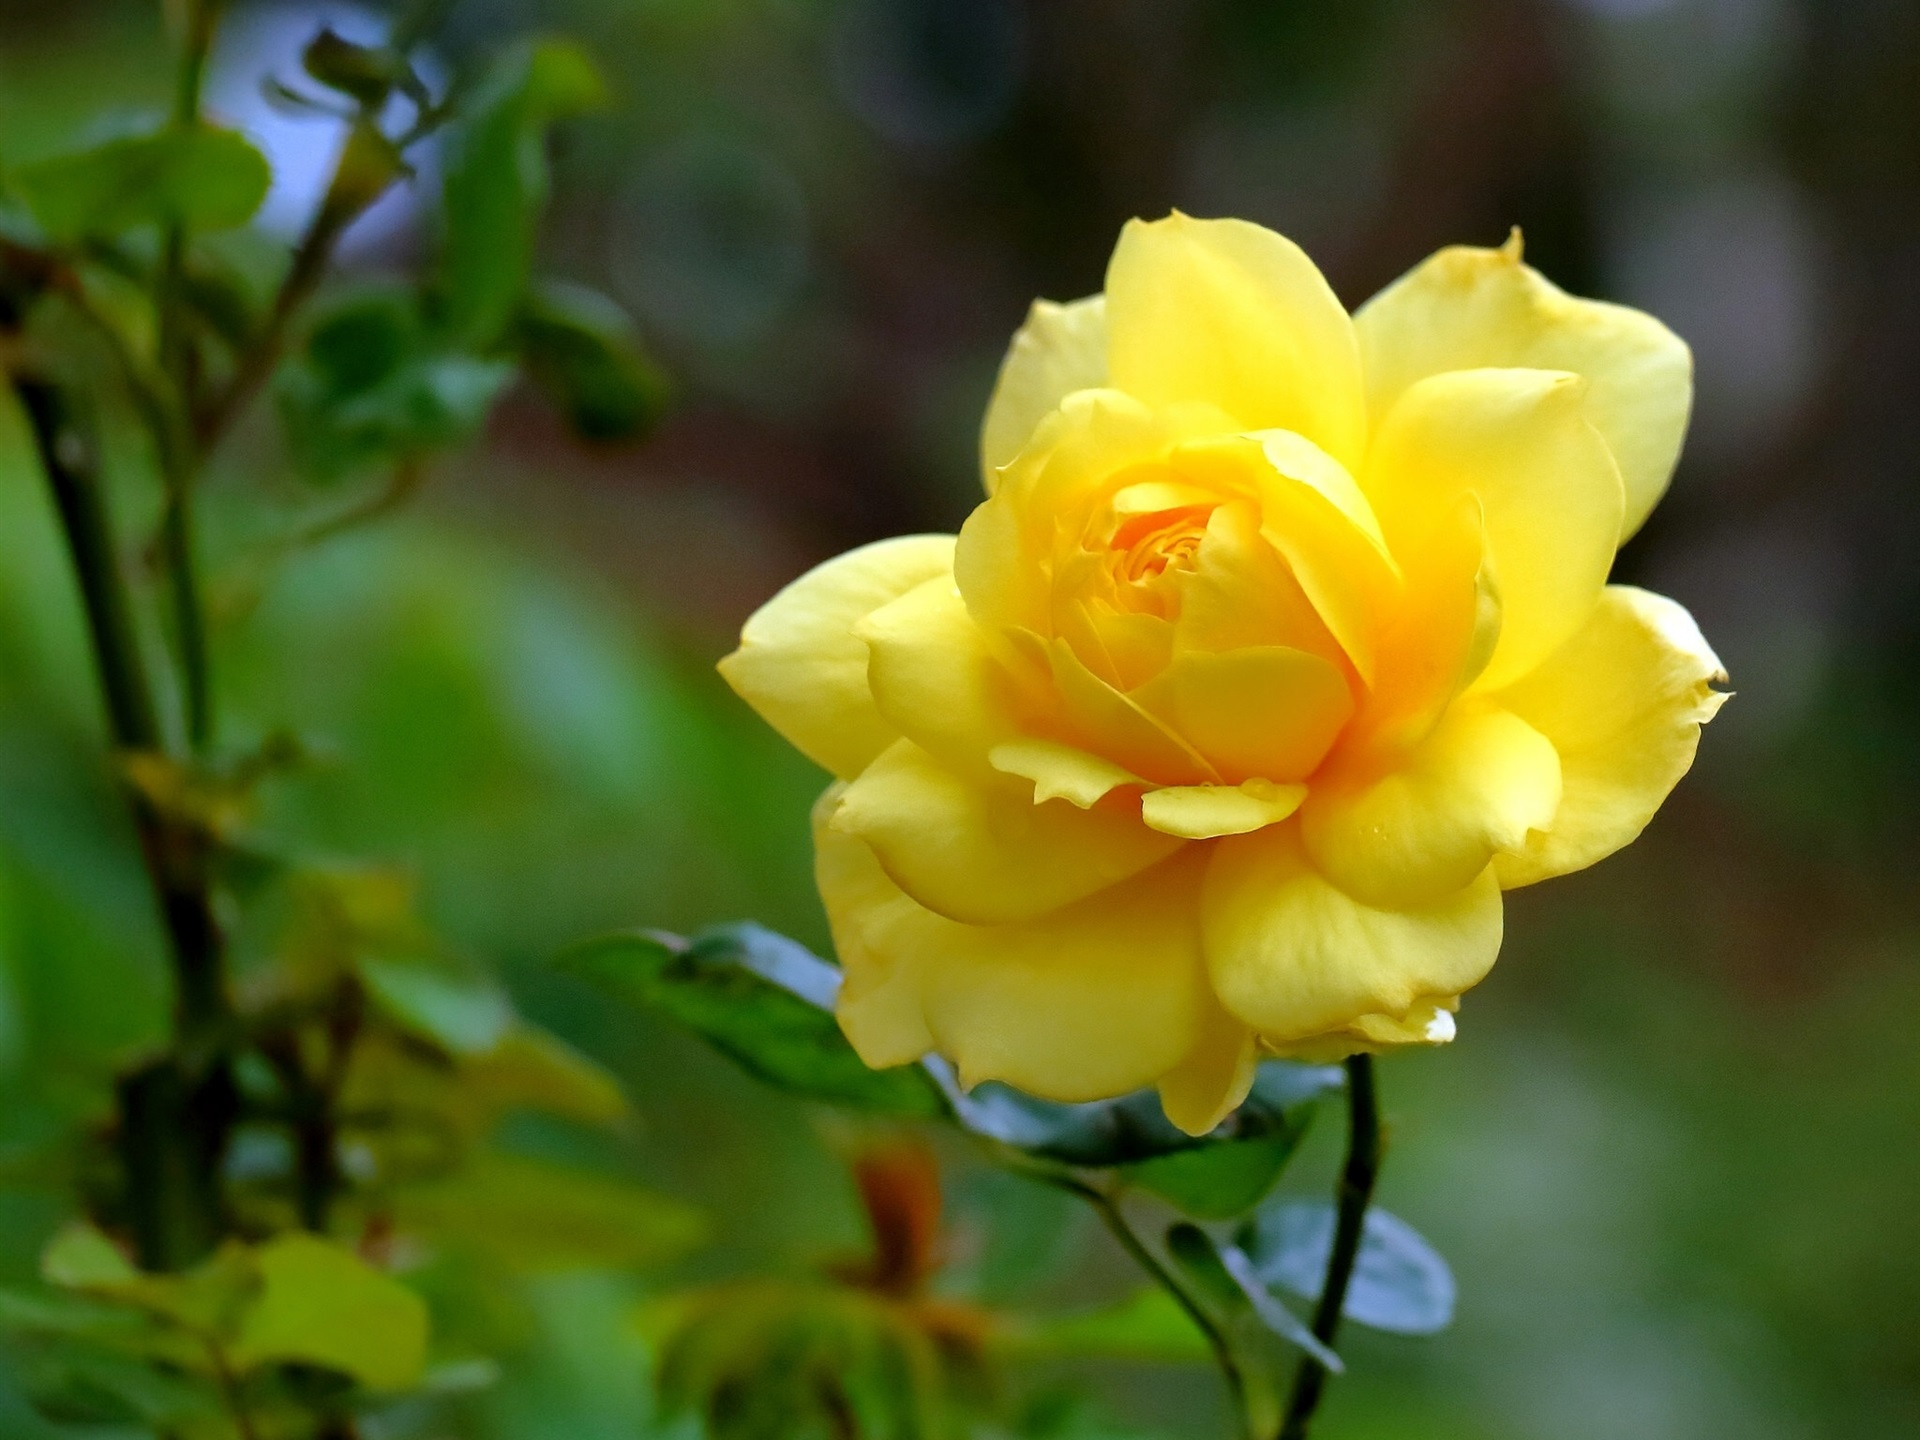 Pap is de parede rosa amarela close up p talas flor - Yellow rose images hd ...